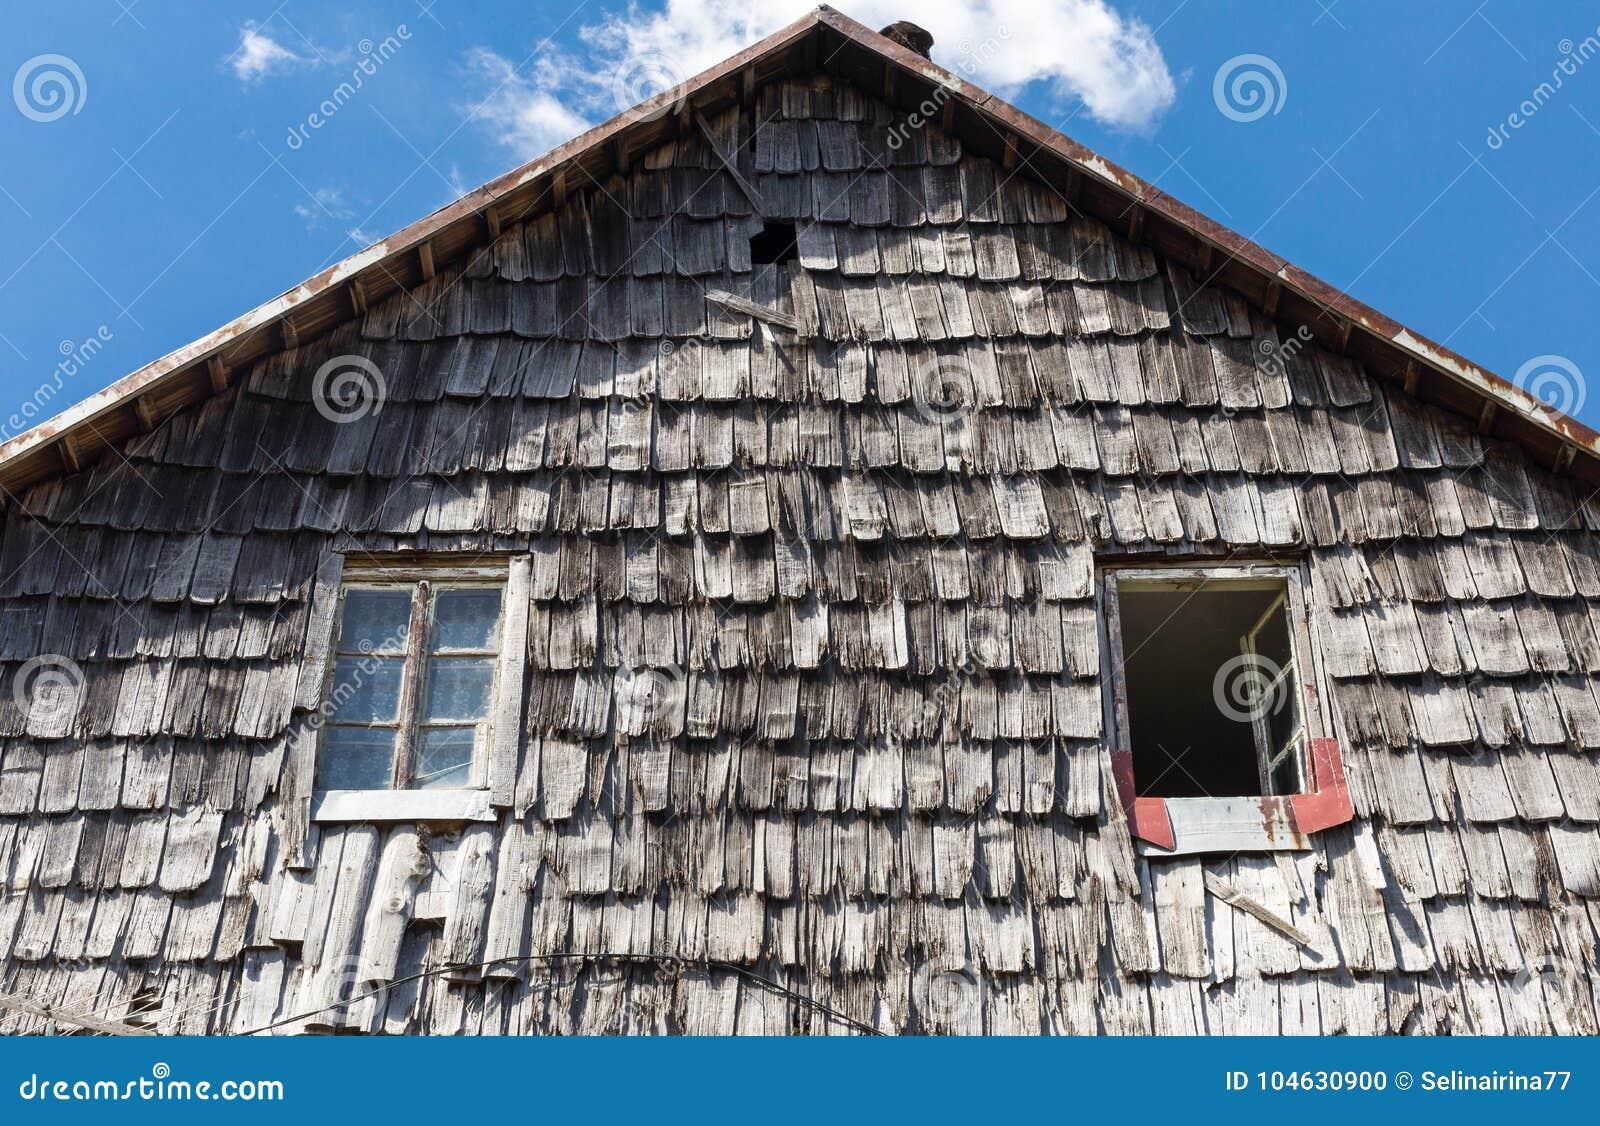 Download Het Dak Van De Houten Tegel Van Het Oude Landelijke Huis De Houten Achtergrond Van De Daktextuur Stock Foto - Afbeelding bestaande uit slecht, naughty: 104630900